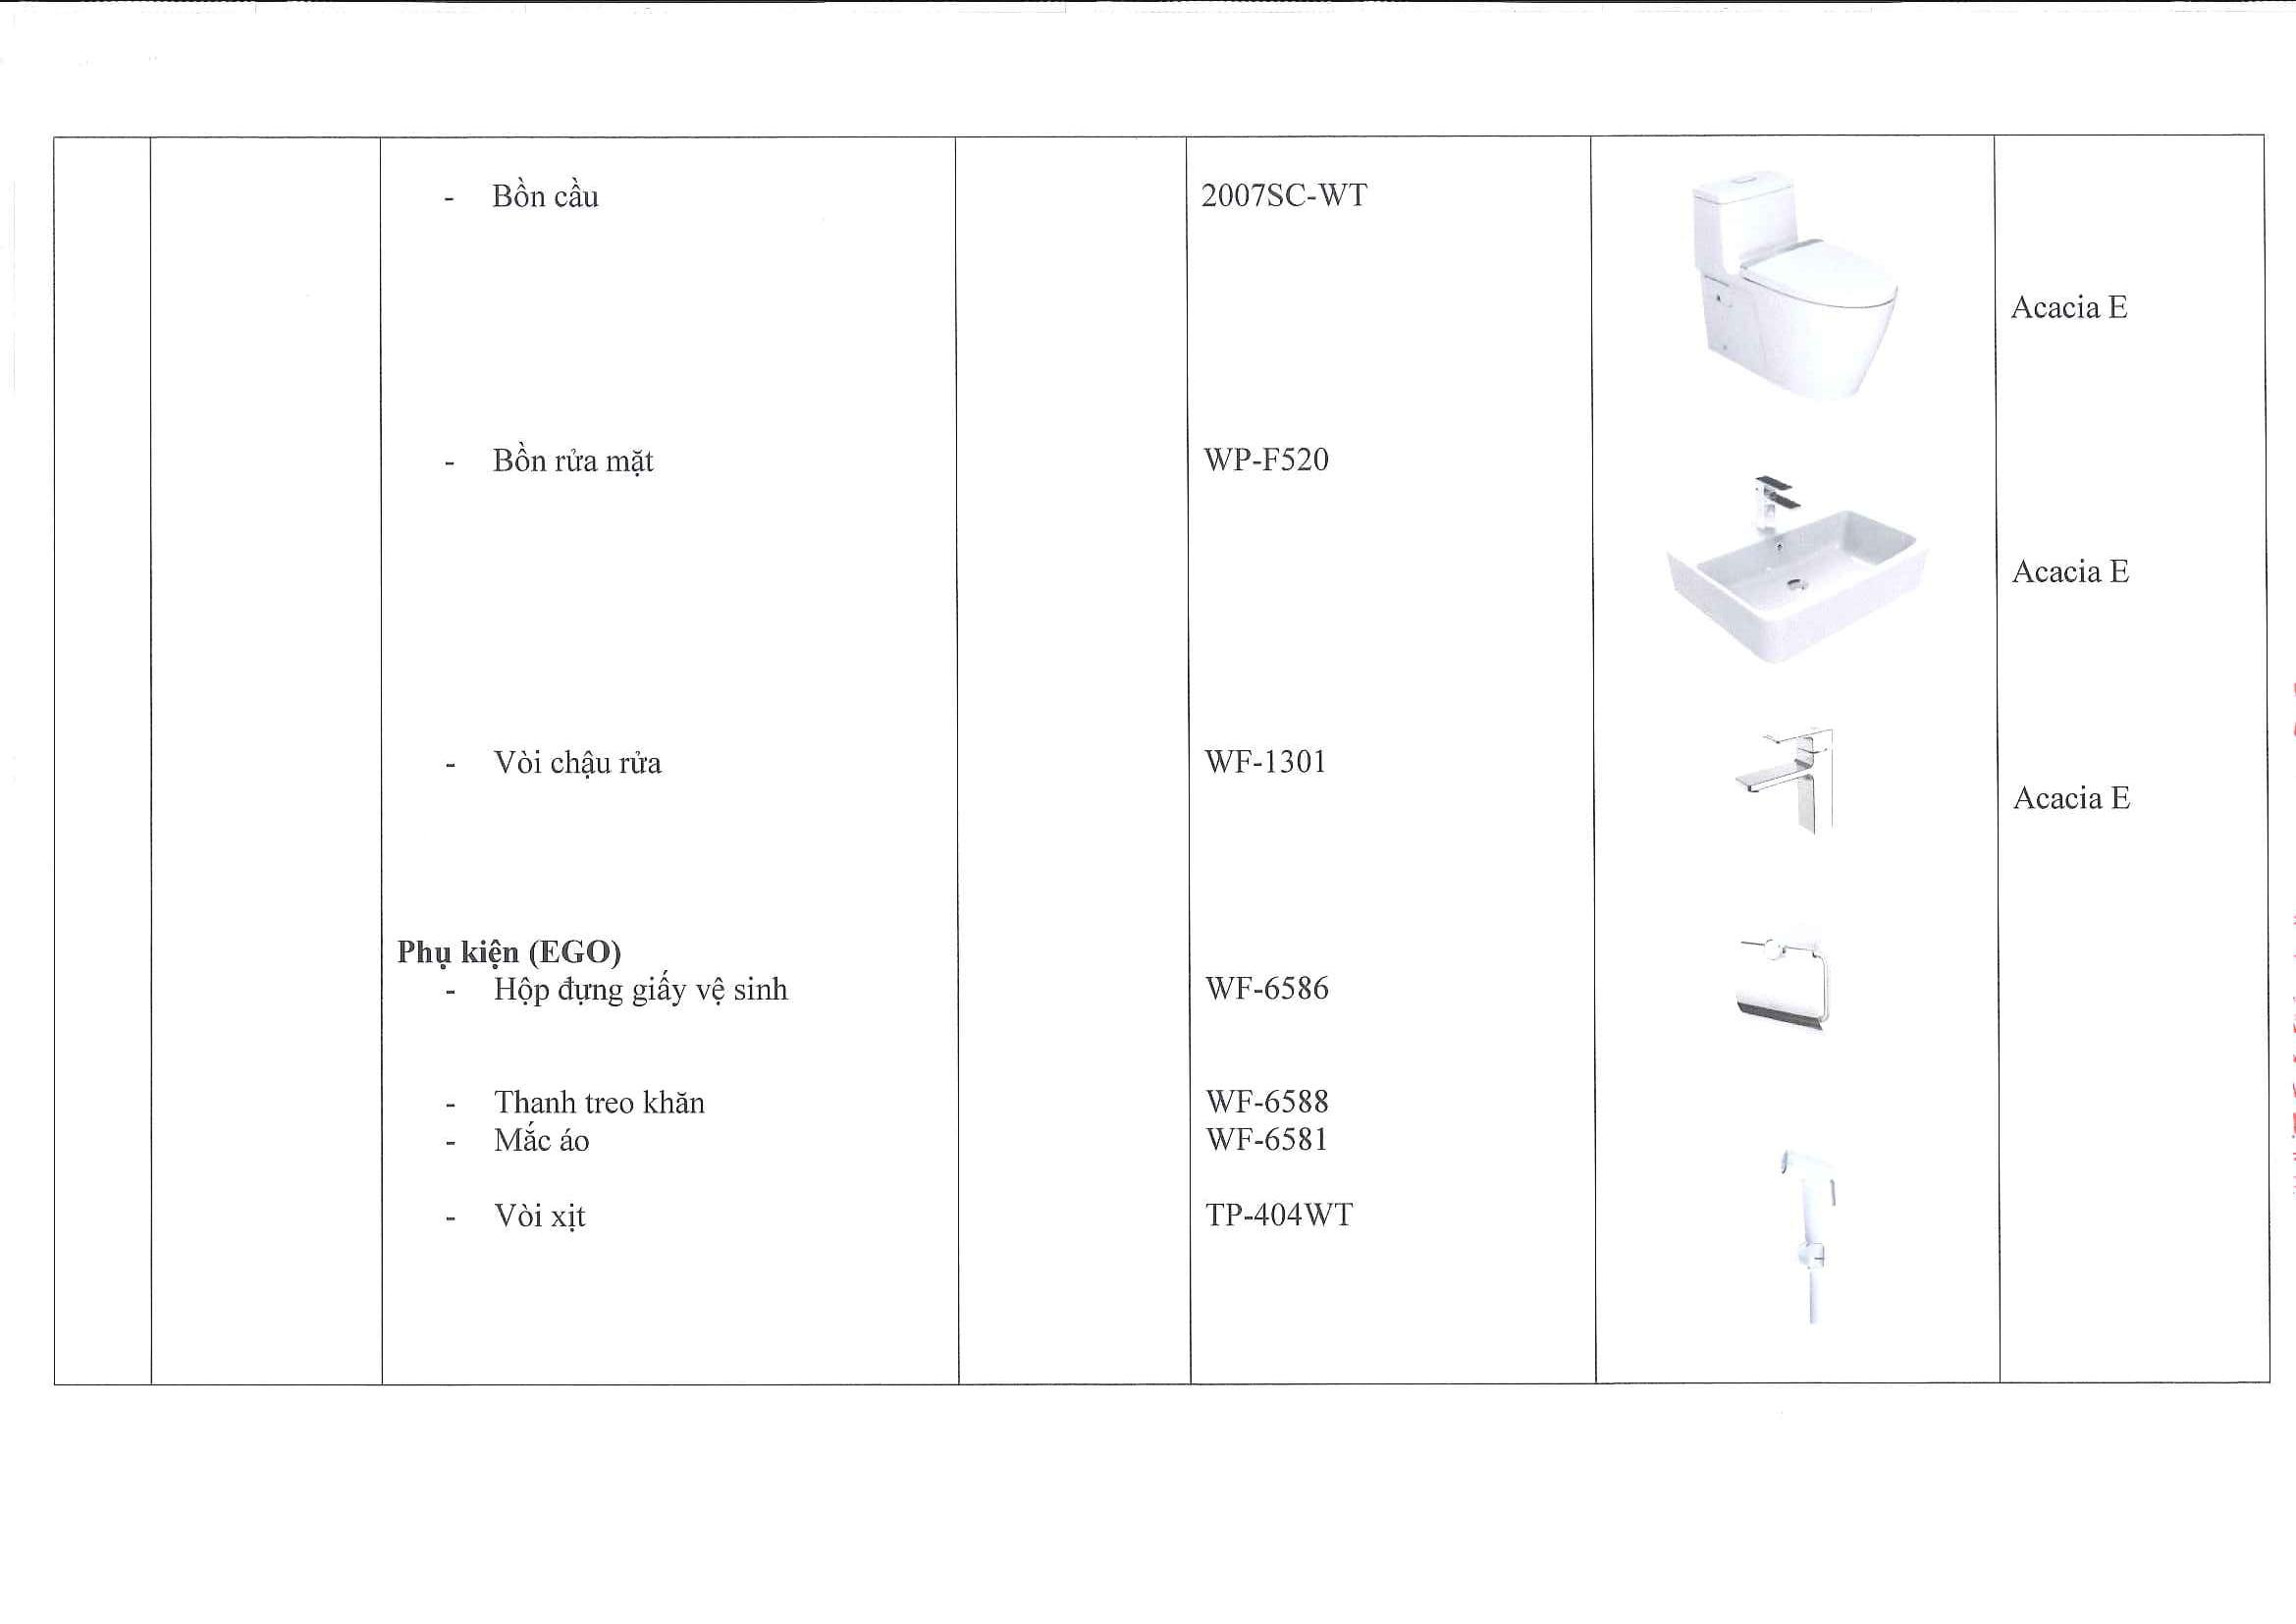 (V) Danh mục Thiết bị nội thất chi tiết L3,4,5-07